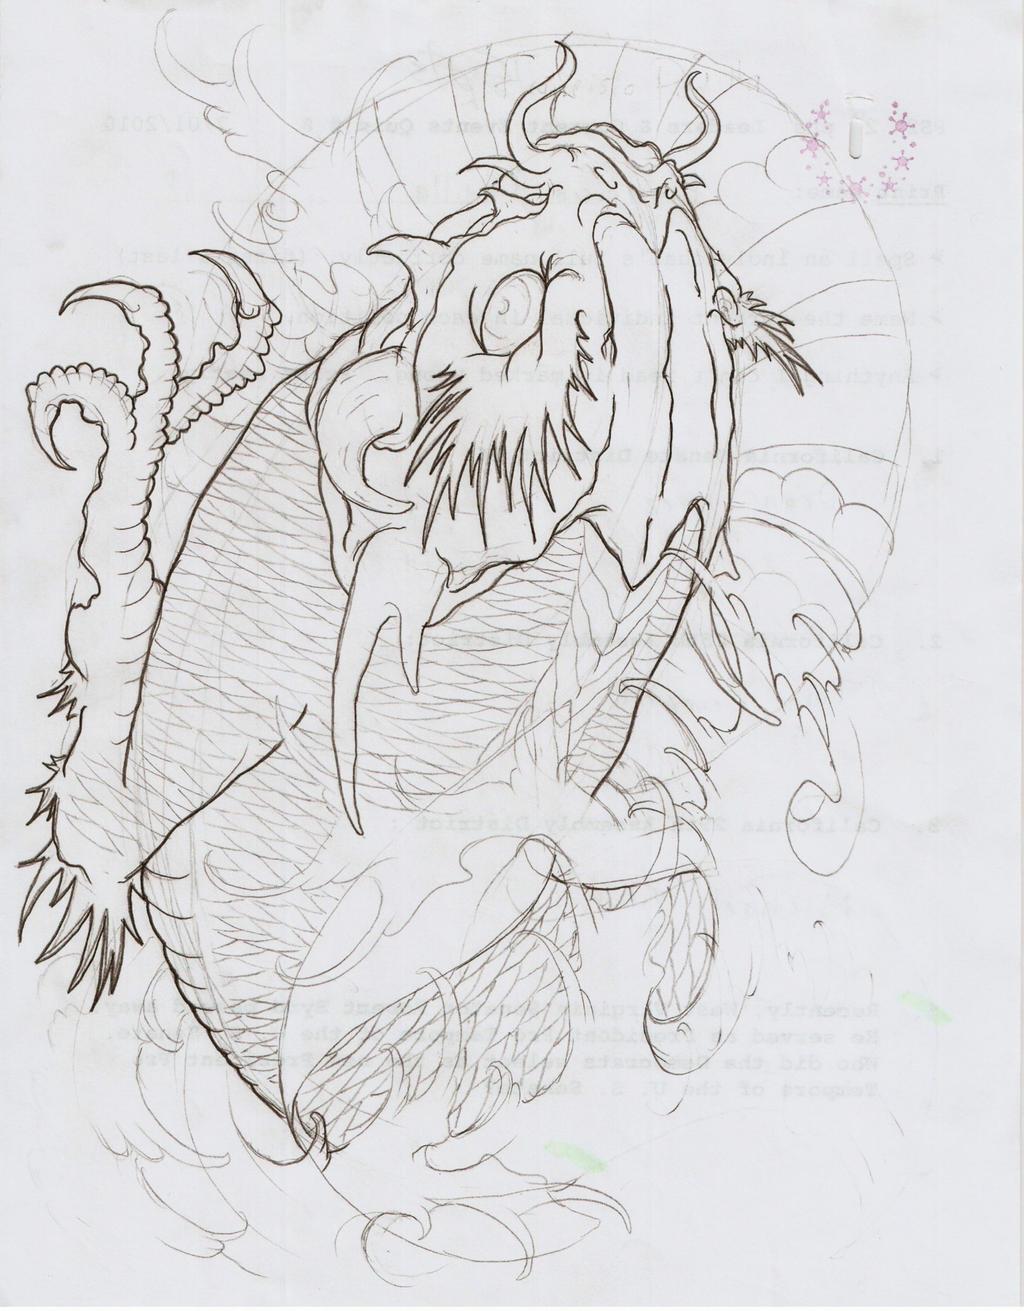 Koi dragon vi outline by eltri on deviantart for Koi fish outline